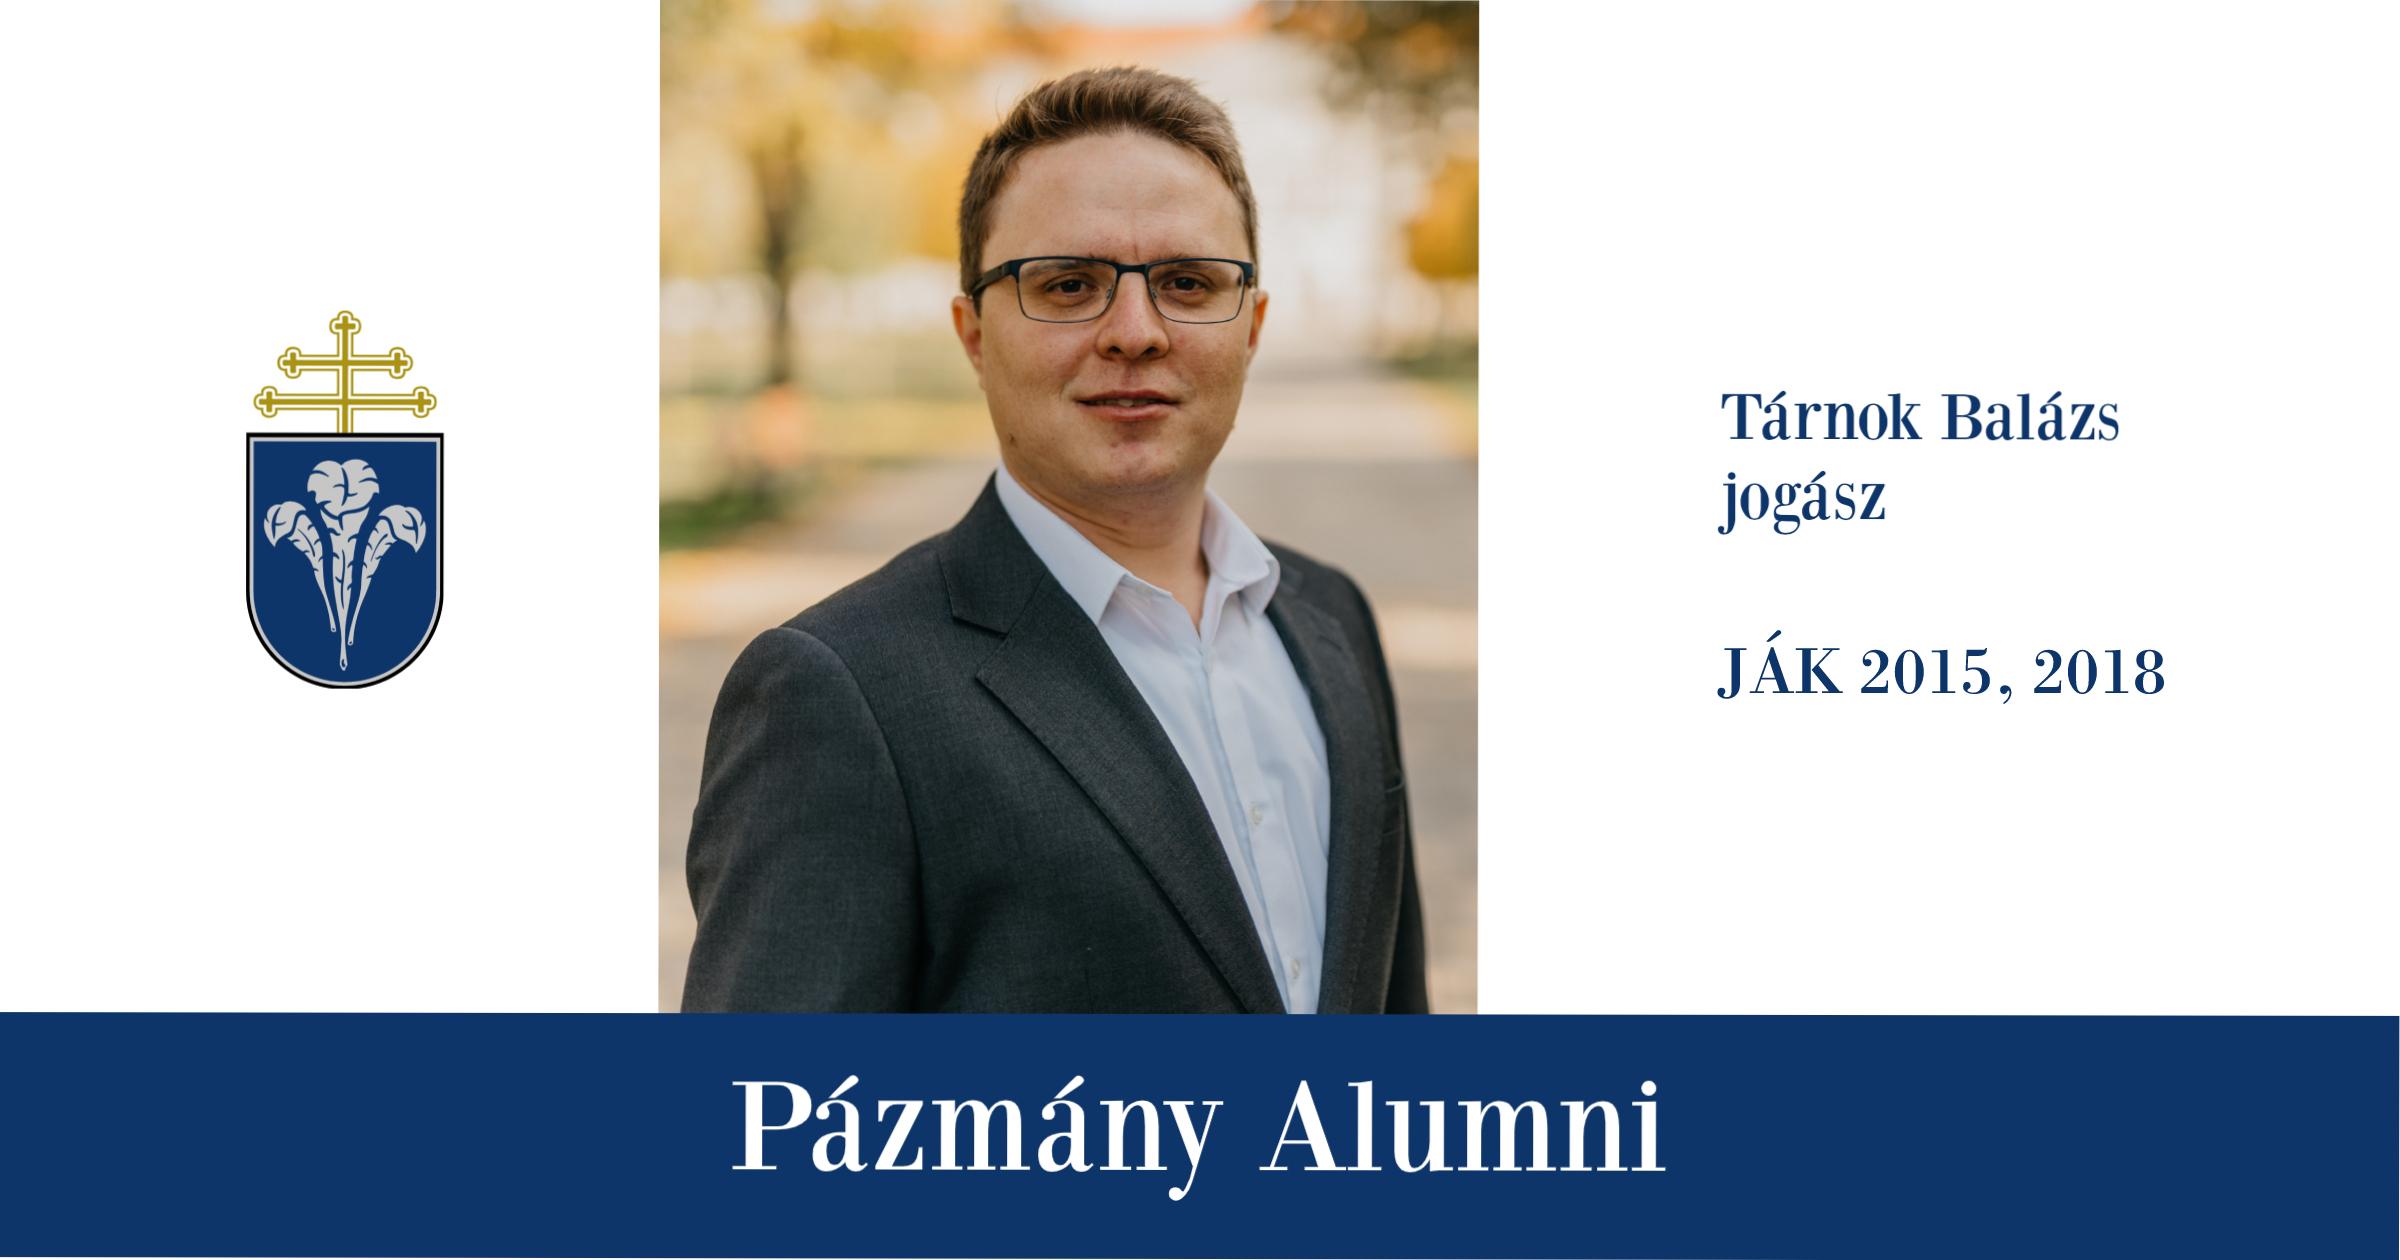 Pázmány Alumni: interjú Tárnok Balázzsal, a JÁK egykori hallgatójával